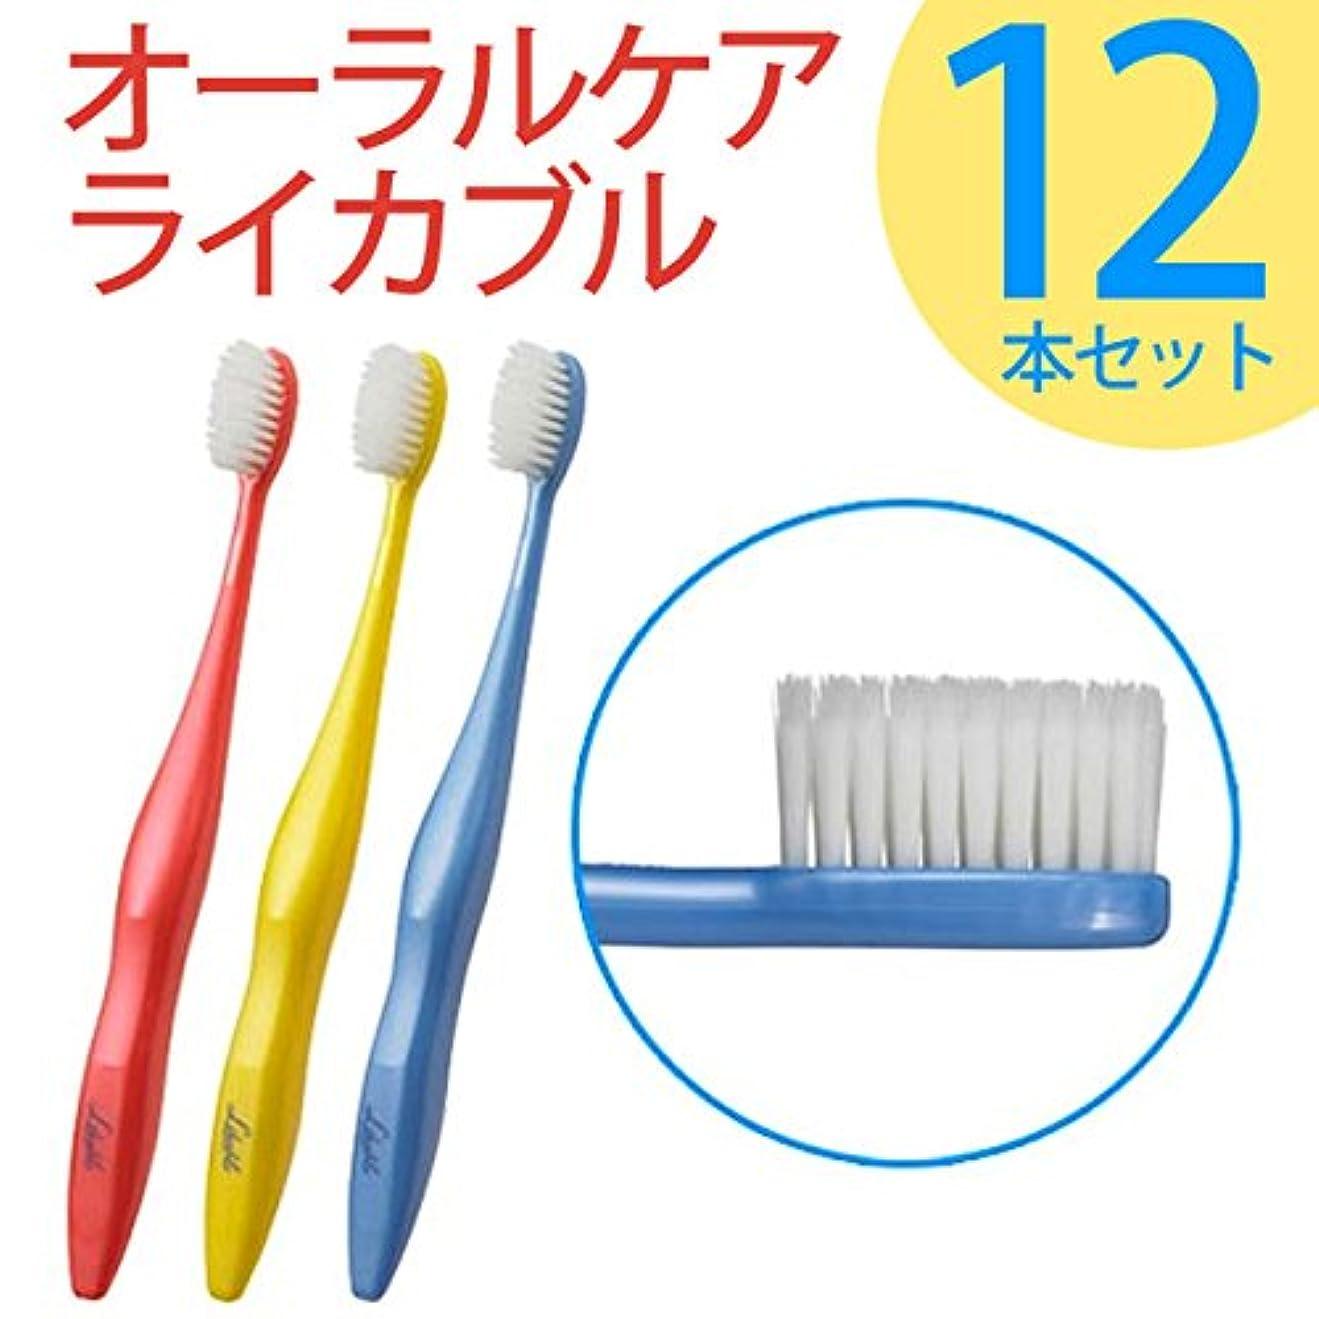 スライス外交問題グローブライカブル ライカブル メンテナンス用 歯ブラシ 12本セット